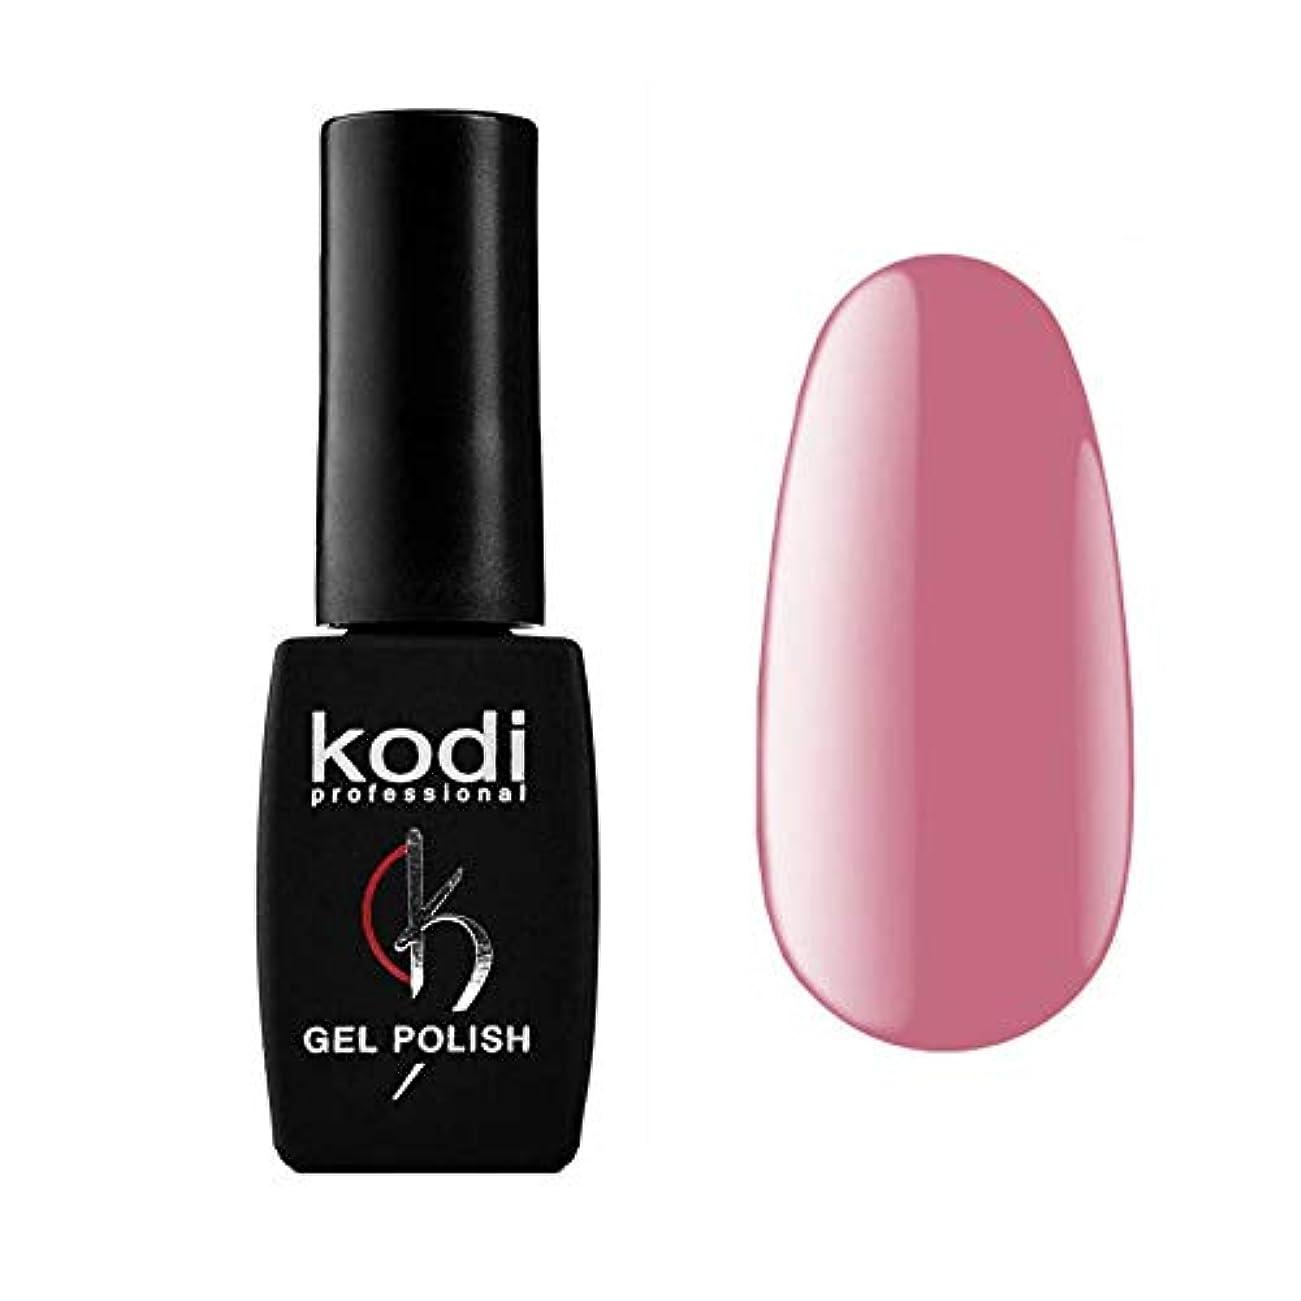 爵合唱団め言葉Kodi Professional New Collection P PINK #30 Color Gel Nail Polish 12ml 0.42 Fl Oz LED UV Genuine Soak Off